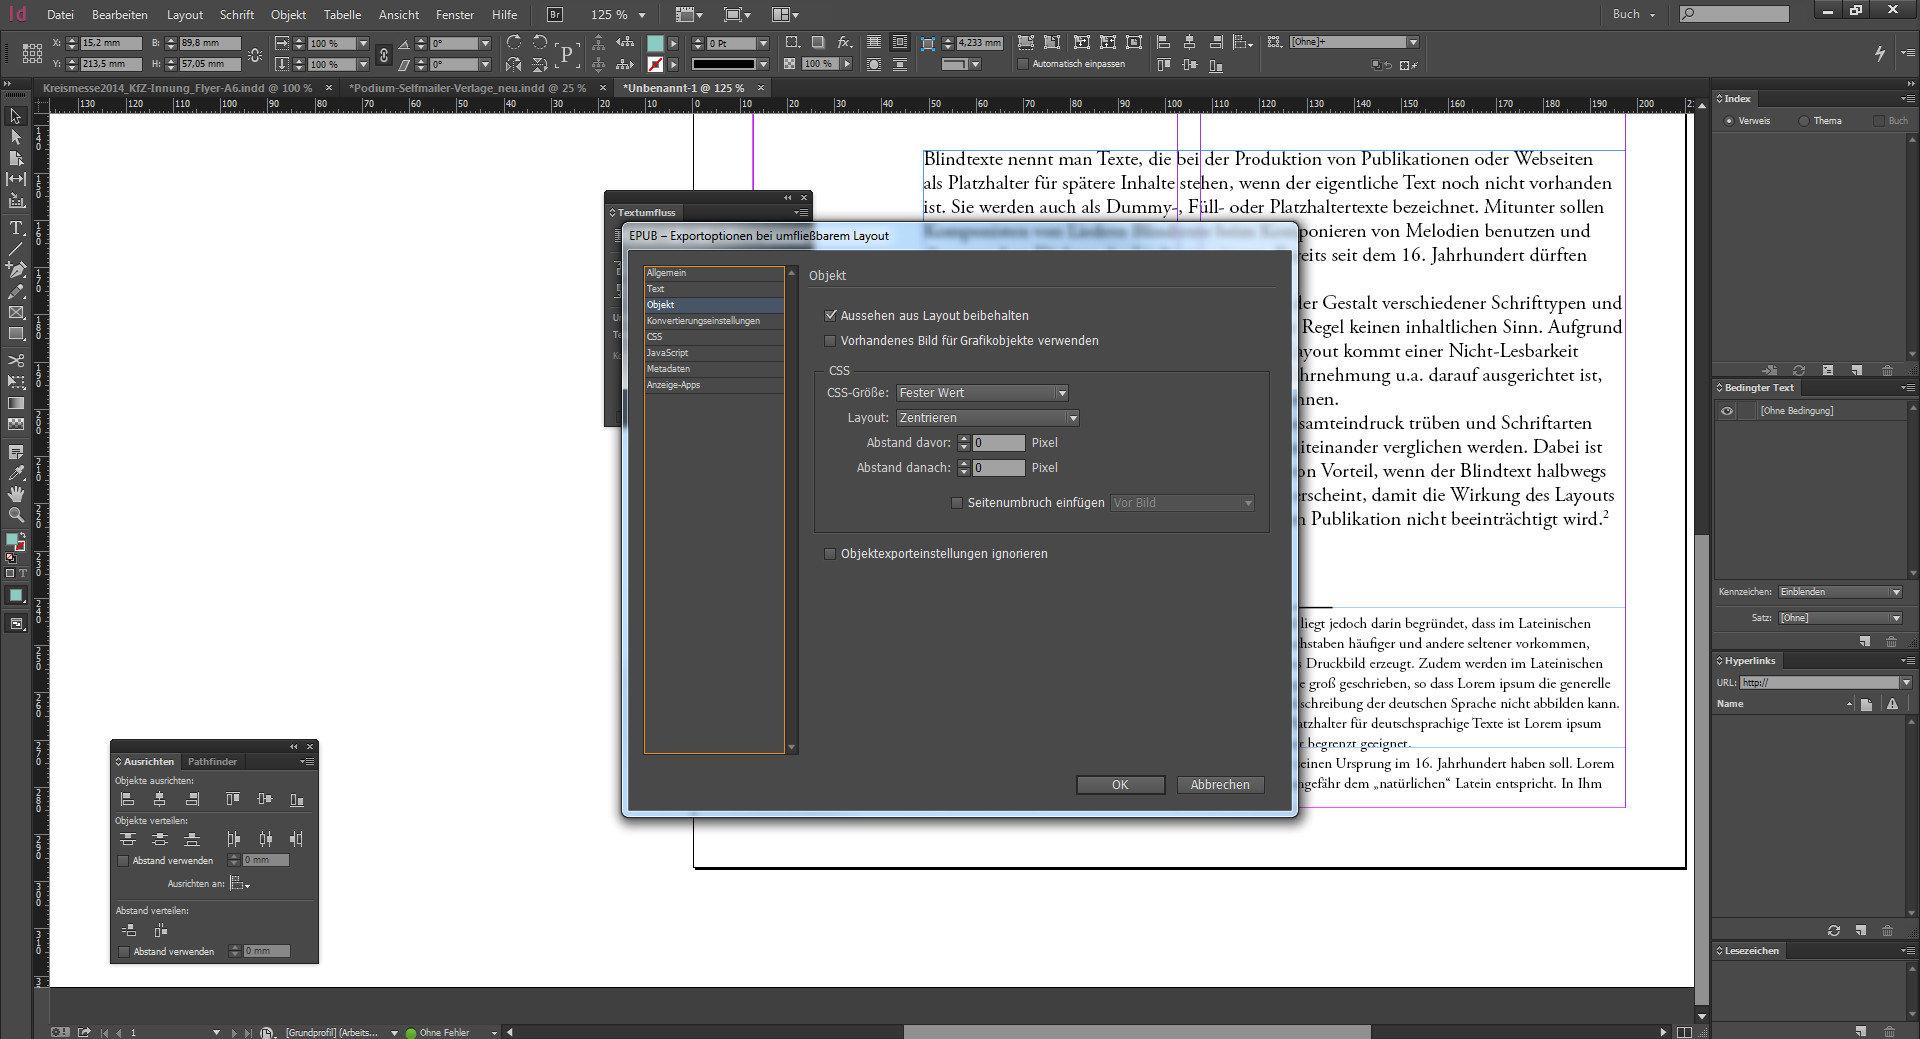 Neuerungen InDesign CC 2014 - Texte umfließen im InDesign